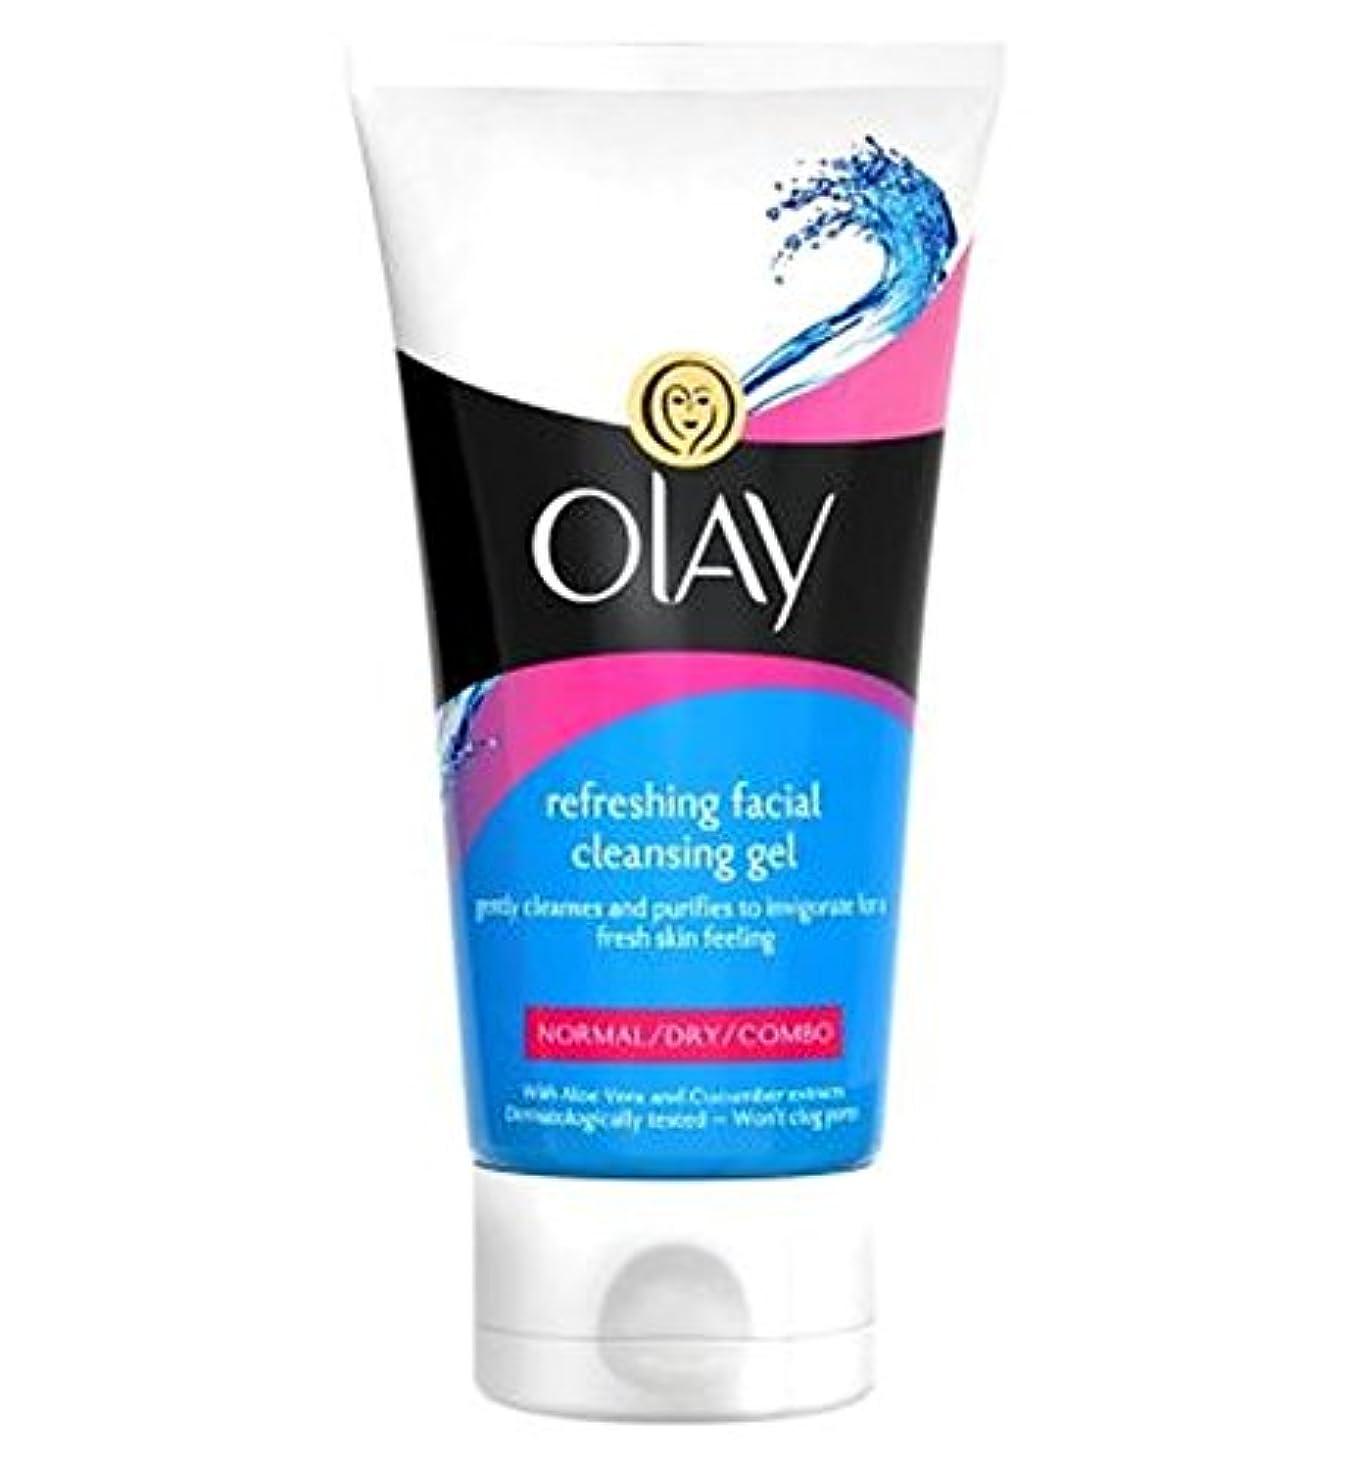 共和党パンレトルトオーレイさわやかな洗顔ジェル150Ml (Olay) (x2) - Olay Refreshing Facial Cleansing Gel 150ml (Pack of 2) [並行輸入品]